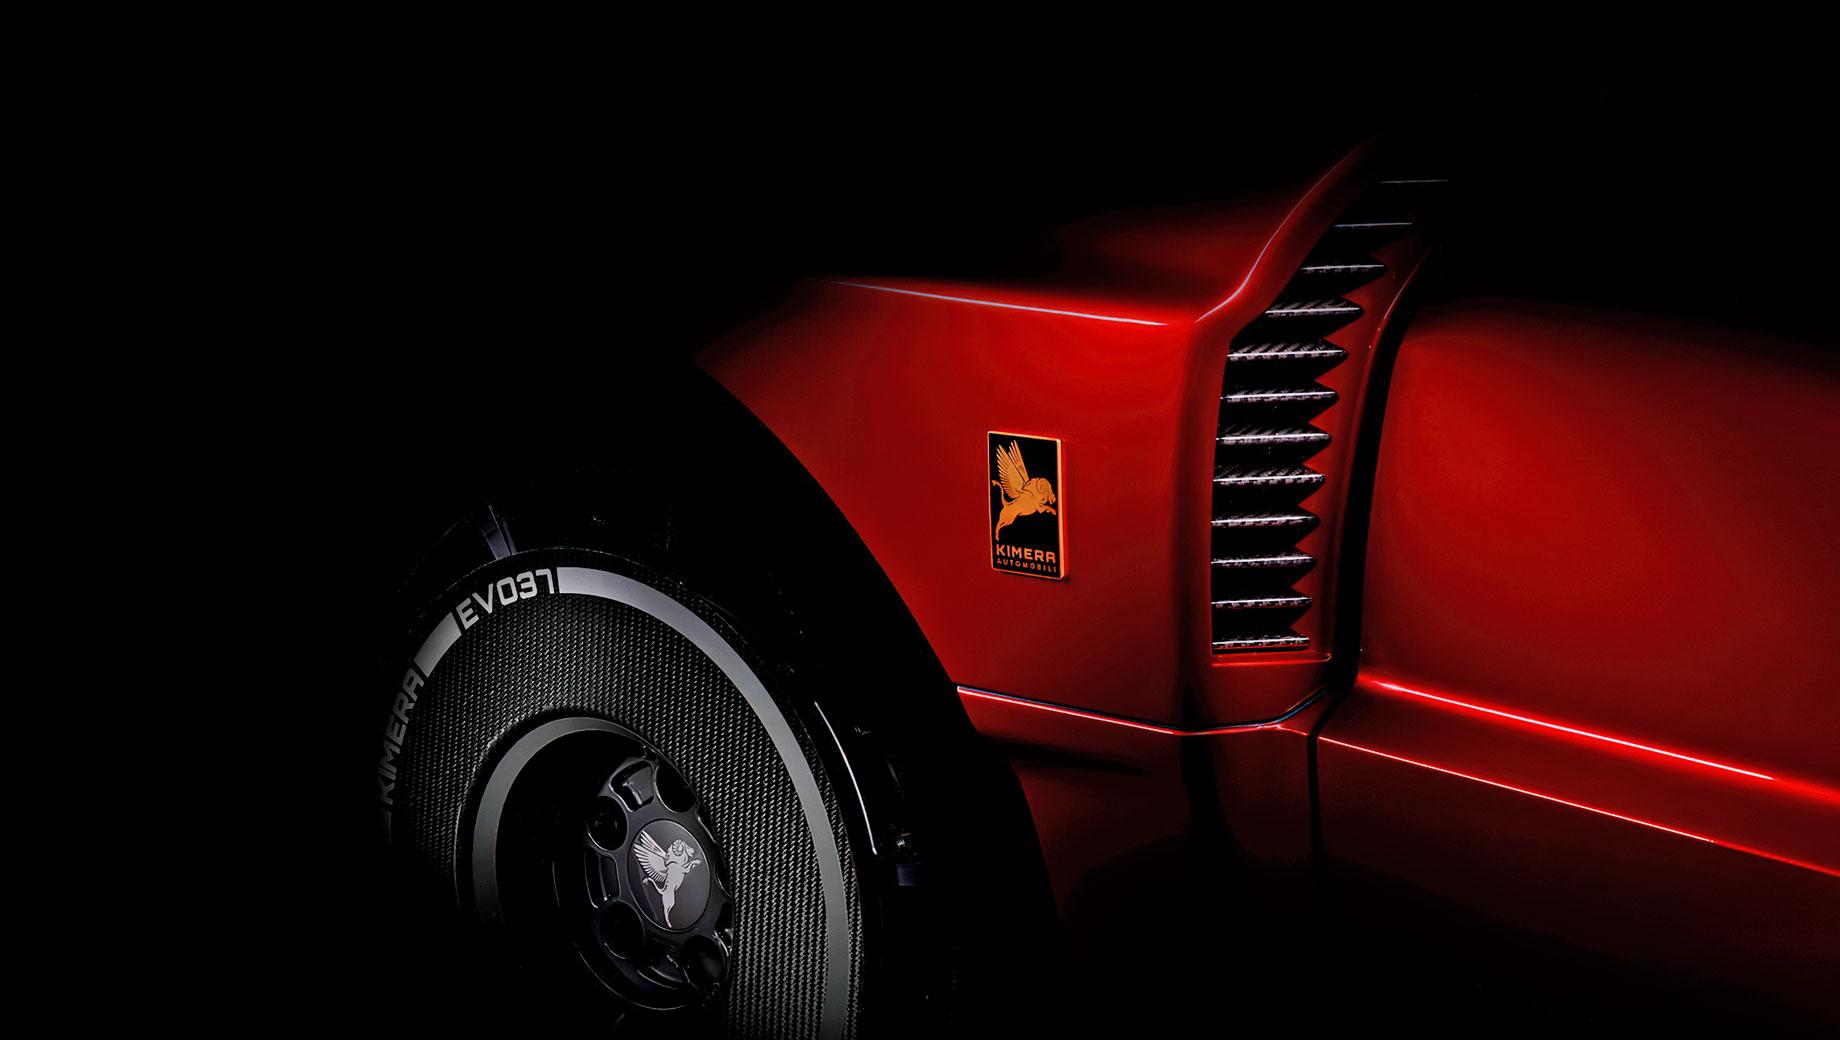 Lancia 037. Дебют купе Kimera EV037 состоится 22 мая 2021 года, а цена каждого автомобиля — примерно 500 тысяч евро. Тираж заднеприводных версий не превысит 37 экземпляров.